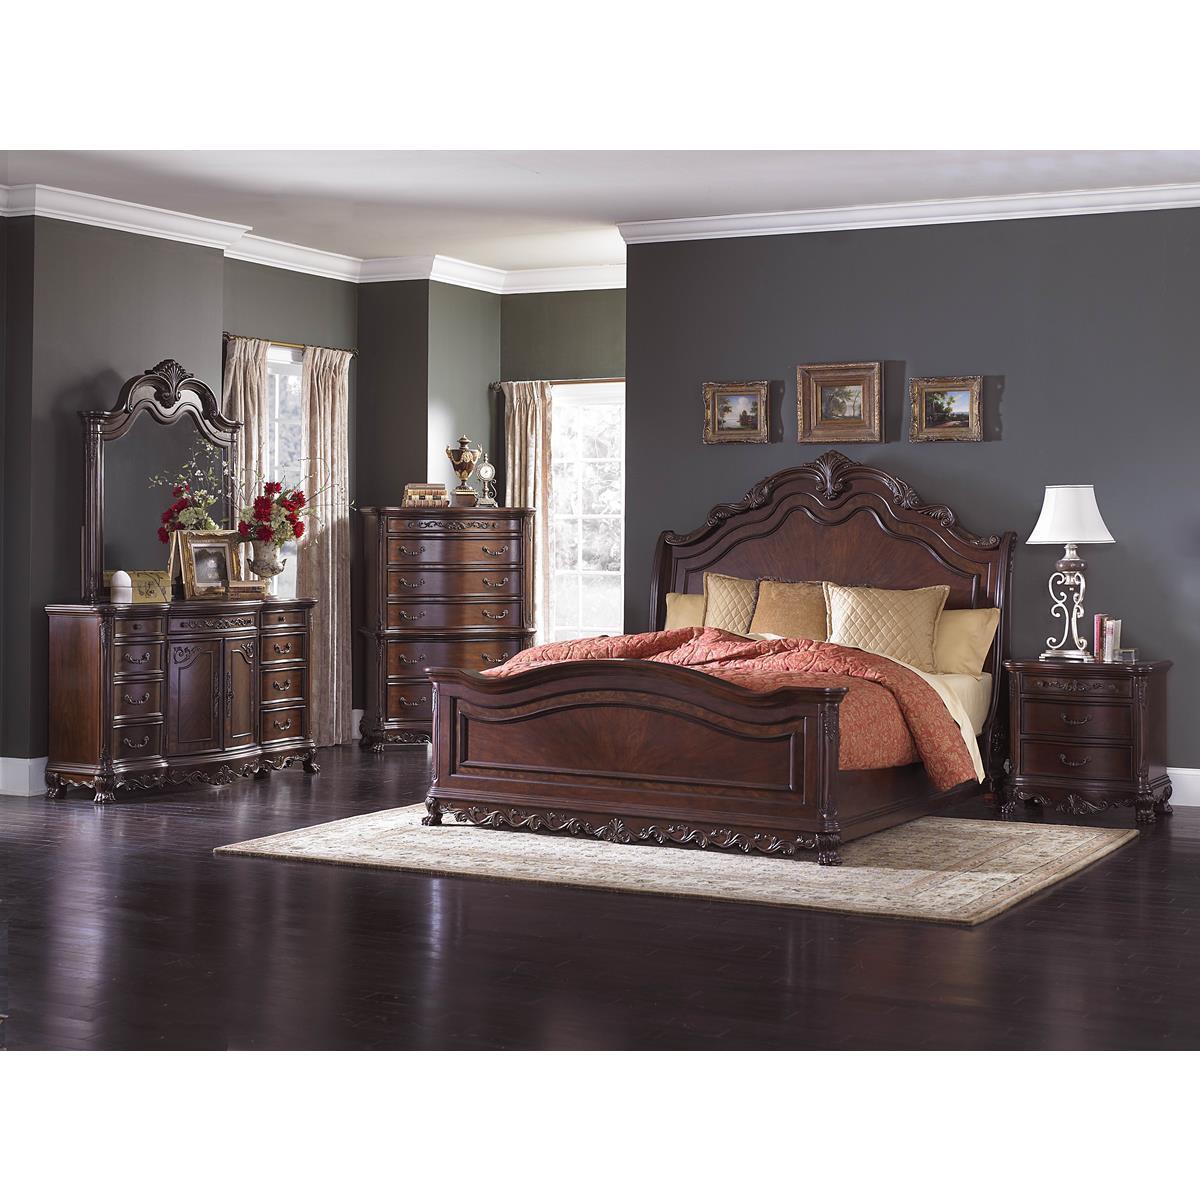 Dublin 5 piece queen sleigh bedroom set in cherry bed - 5 piece queen sleigh bedroom set ...